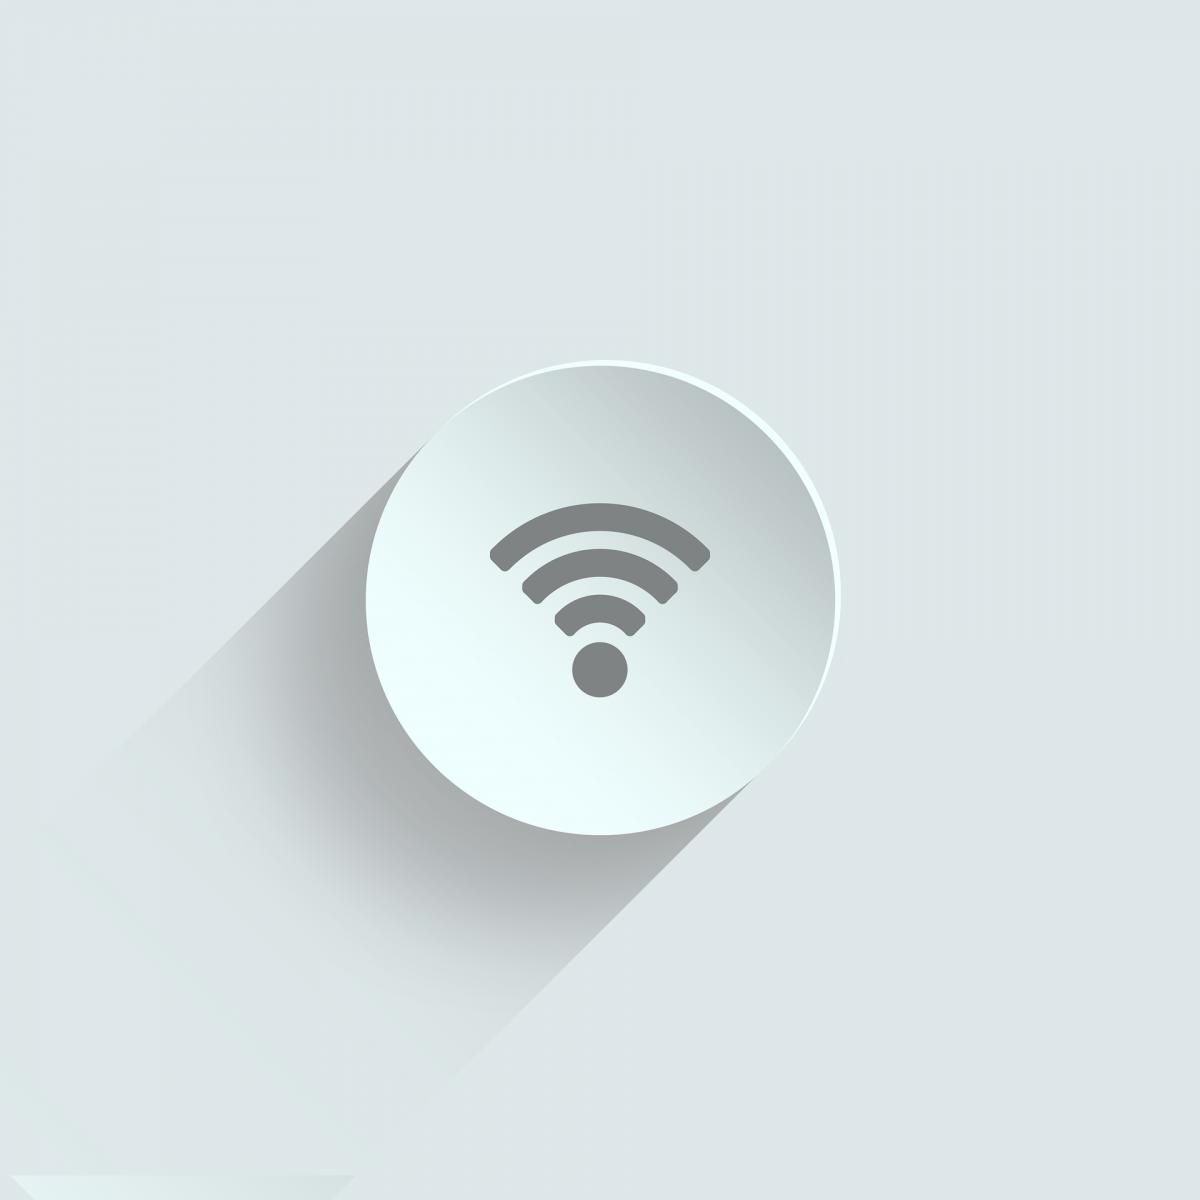 Hotel avec wifi gratuit haut d bit illimit autour de - Hotel valence pas cher ...